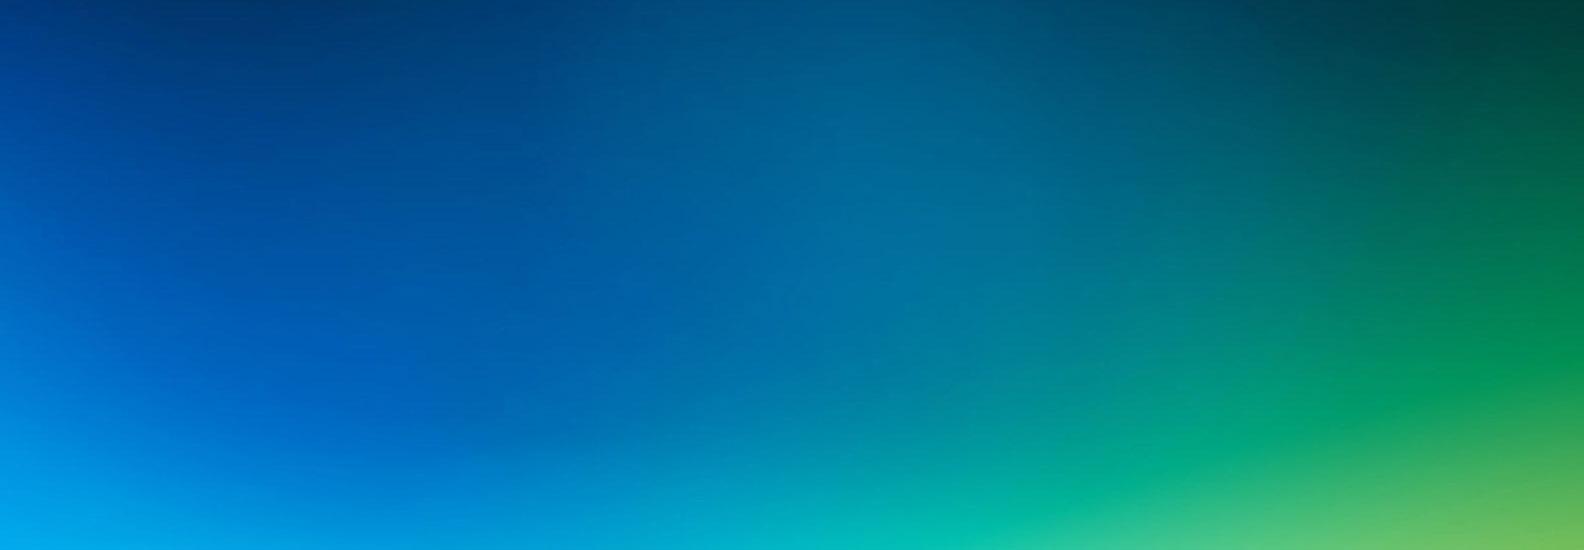 blue_green1